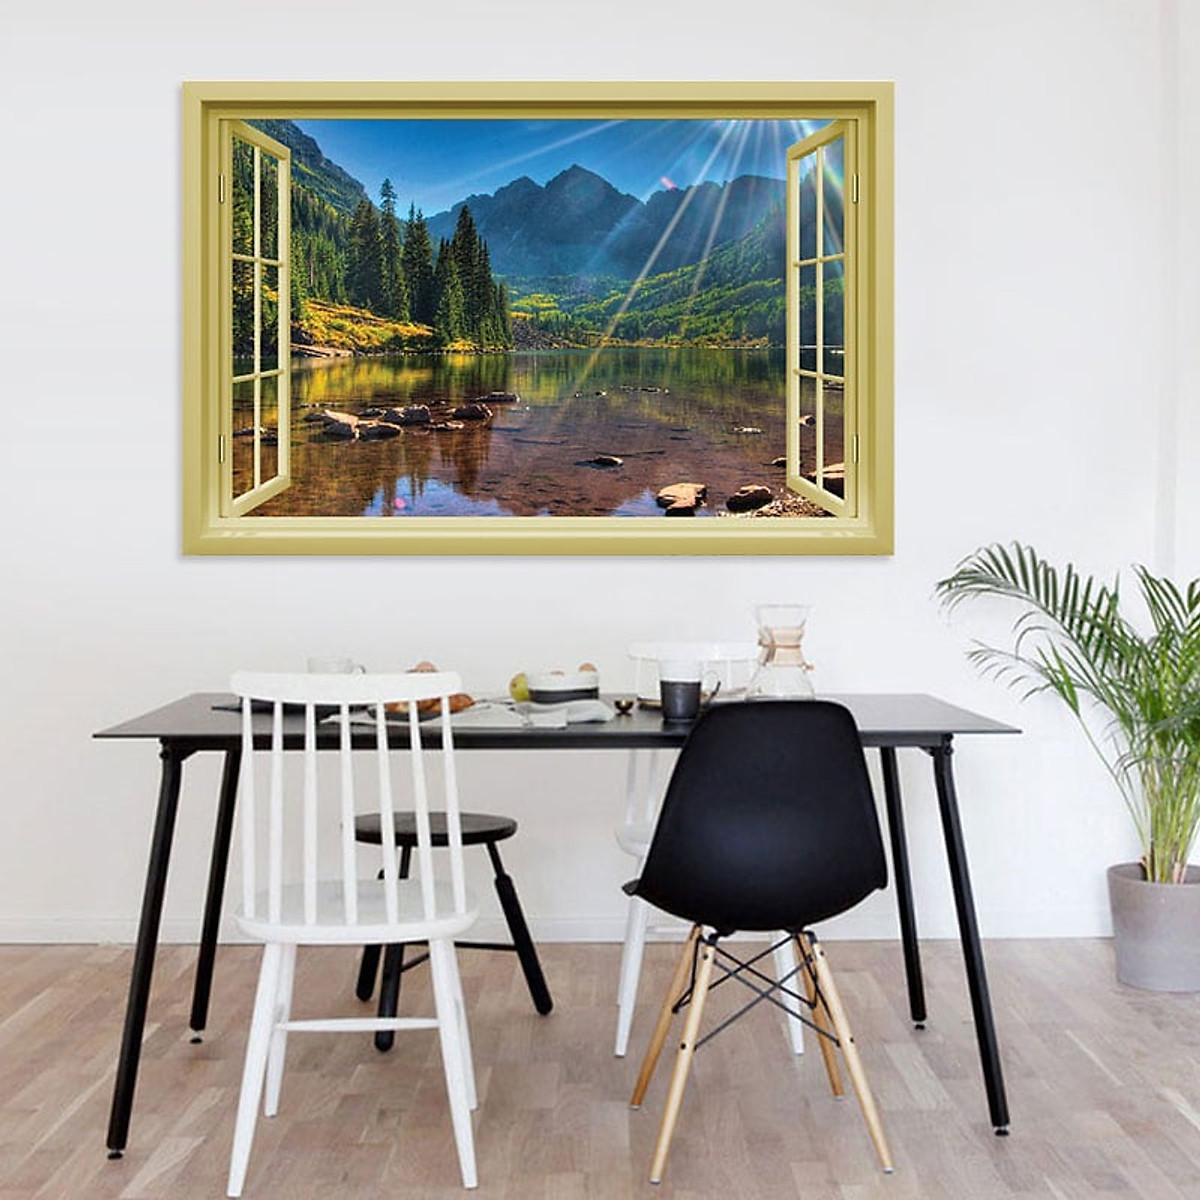 Decal cửa sổ  Cánh rừng và hồ nước châu Âu WD119 | Decal dán tường PVC cao cấp - 5